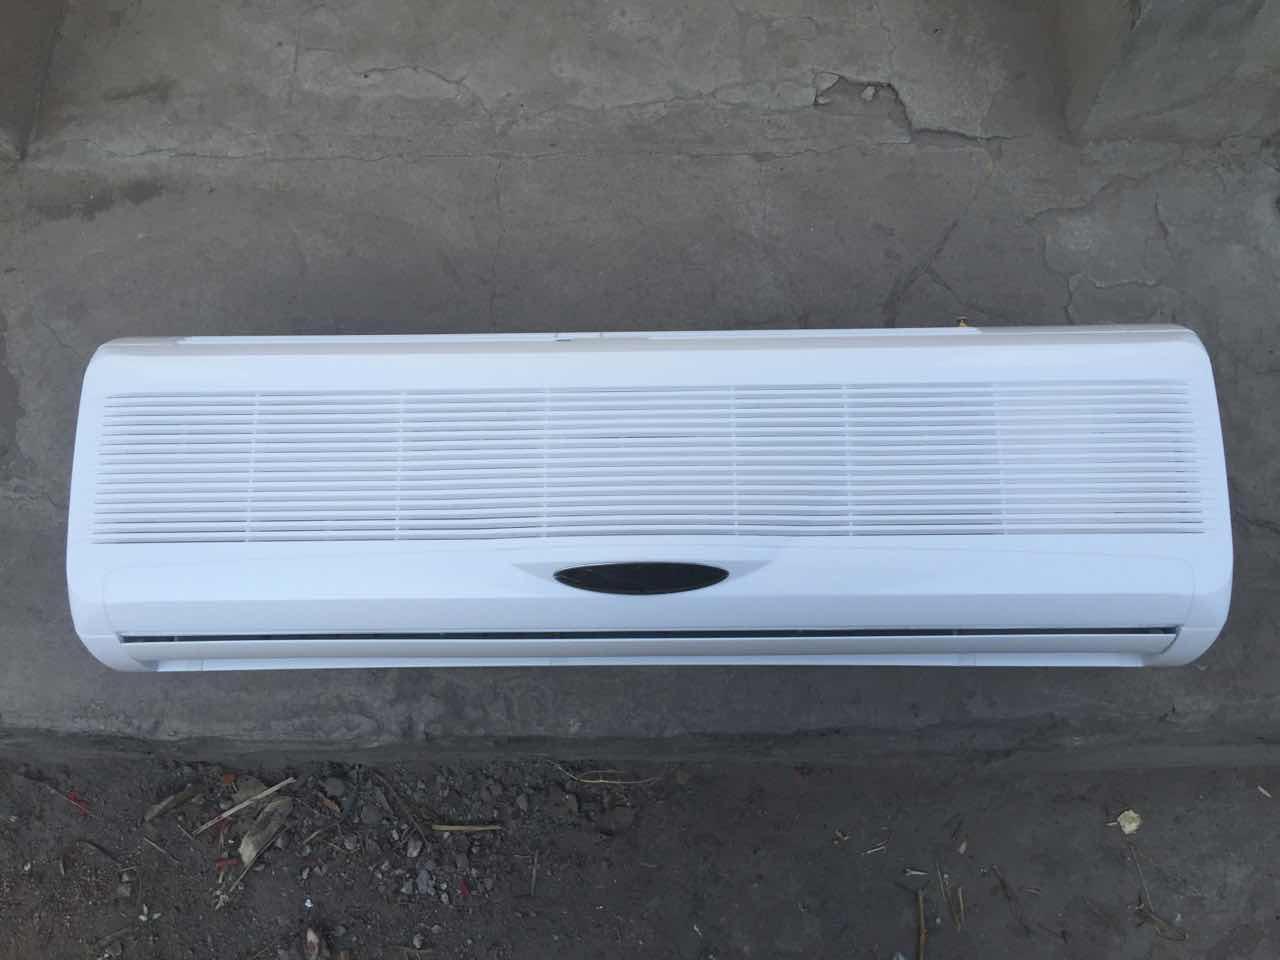 盾安中央水空调接线图解